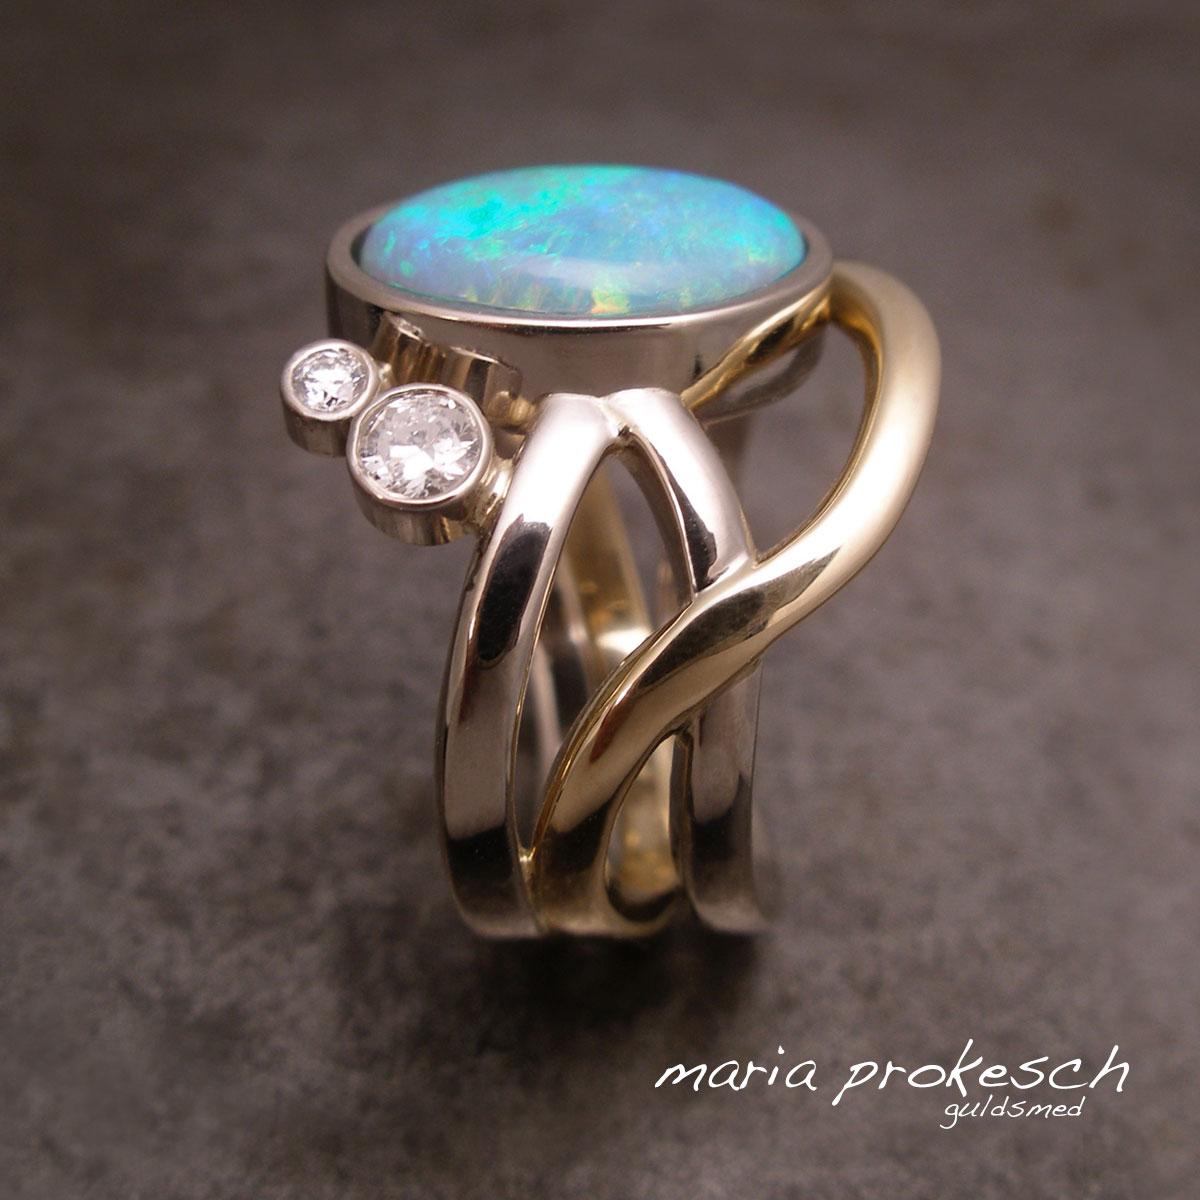 Opalring i 14 kt guld og hvidguld. Tilfældige tråde i elegant håndlavet design omkring stenen, en crystal opal. Diamanter på siden.